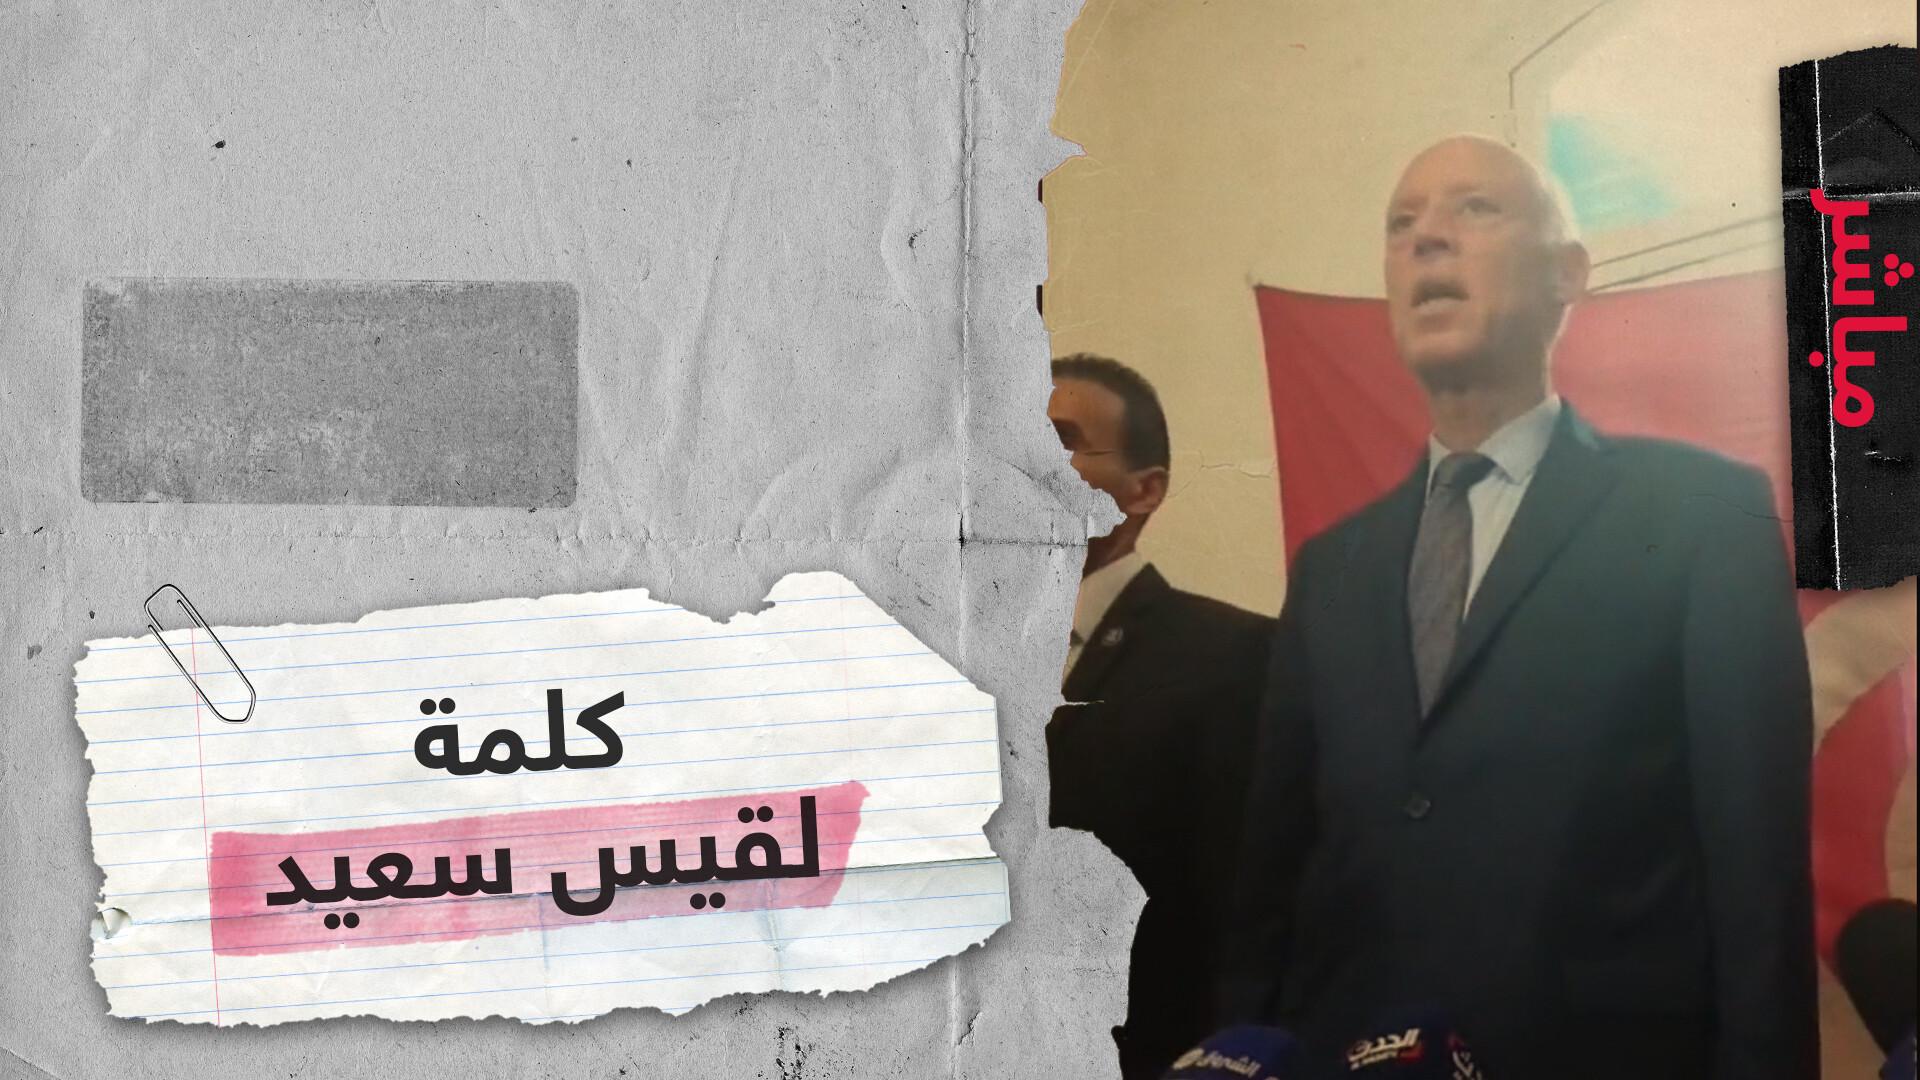 المرشح المفاجأة.. كلمة لقيس سعيد الفائز في الدور الأول من الانتخابات الرئاسية التونسية